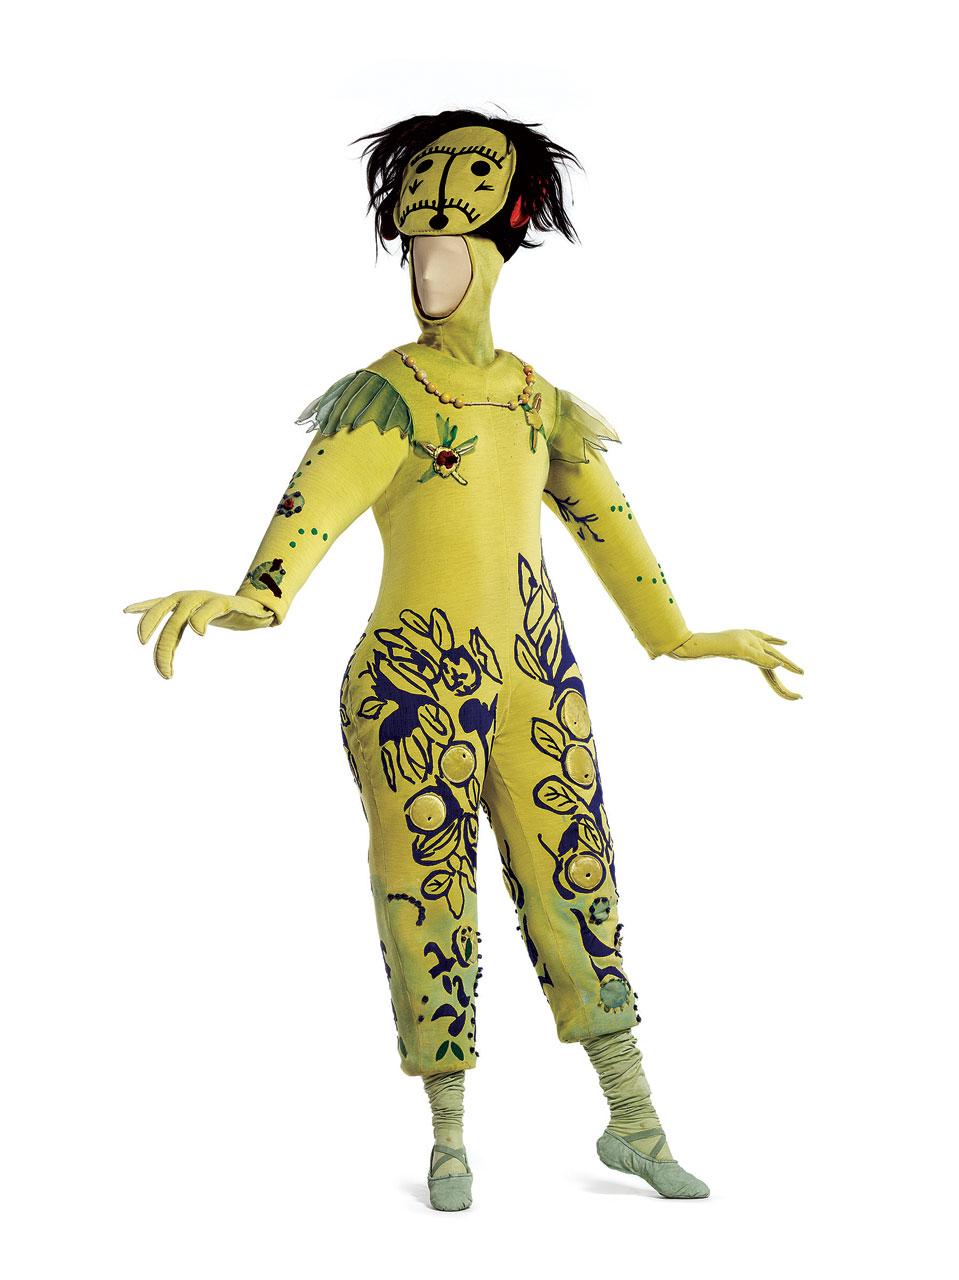 Chagall_EX8350_138a-g-20160811-hpr.jpg